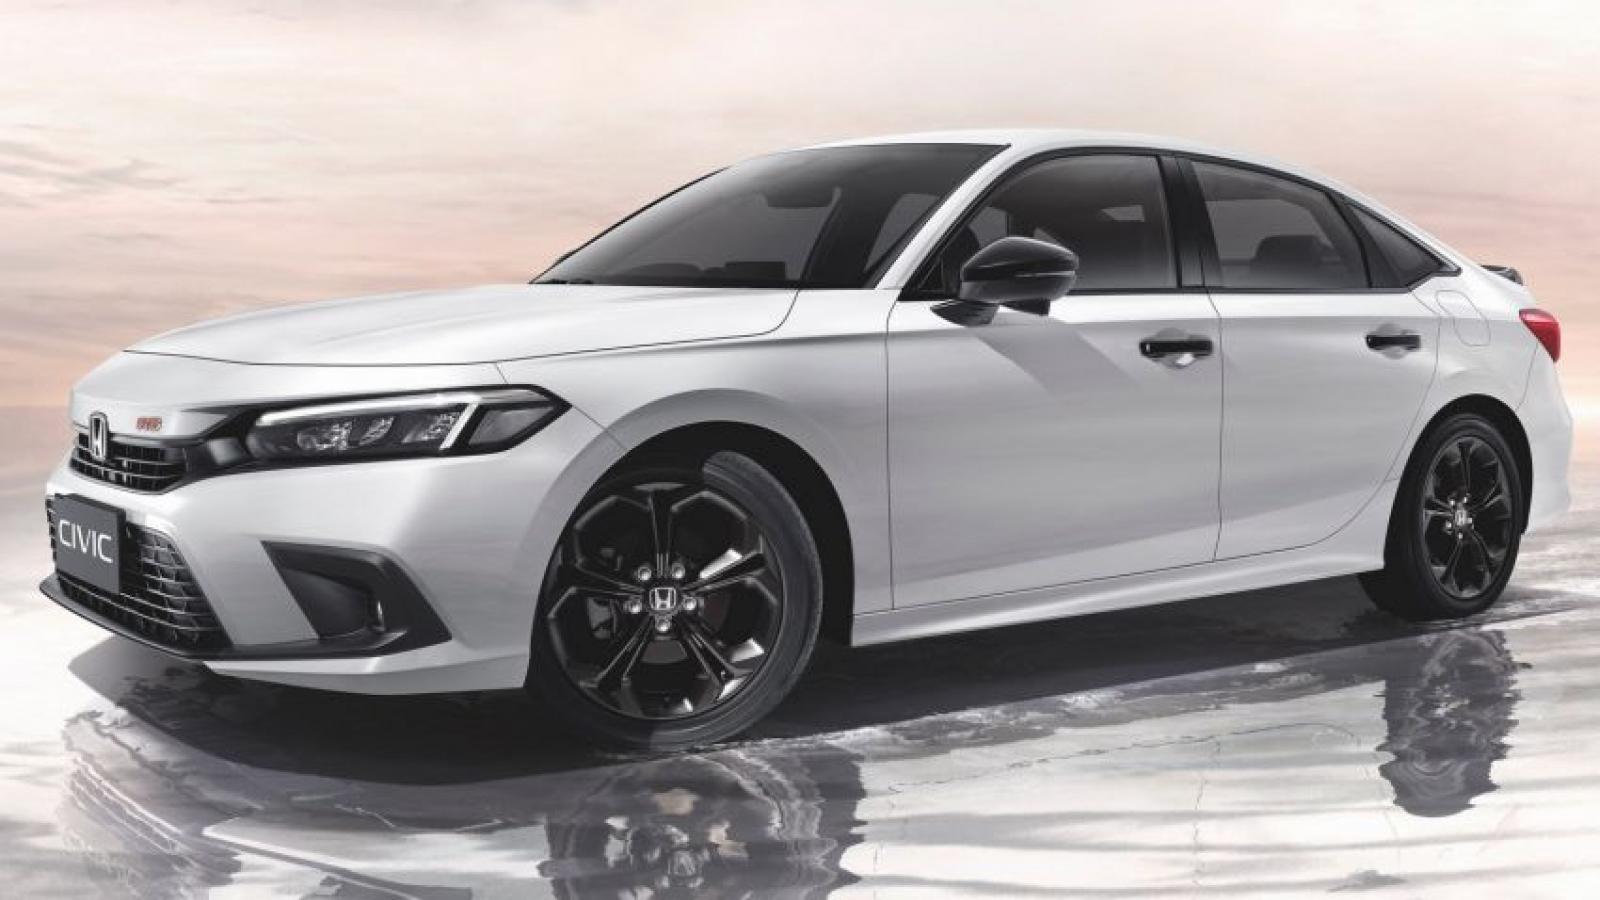 Honda Civic thế hệ mới trình làng tại Thái Lan với giá từ 662 triệu đồng